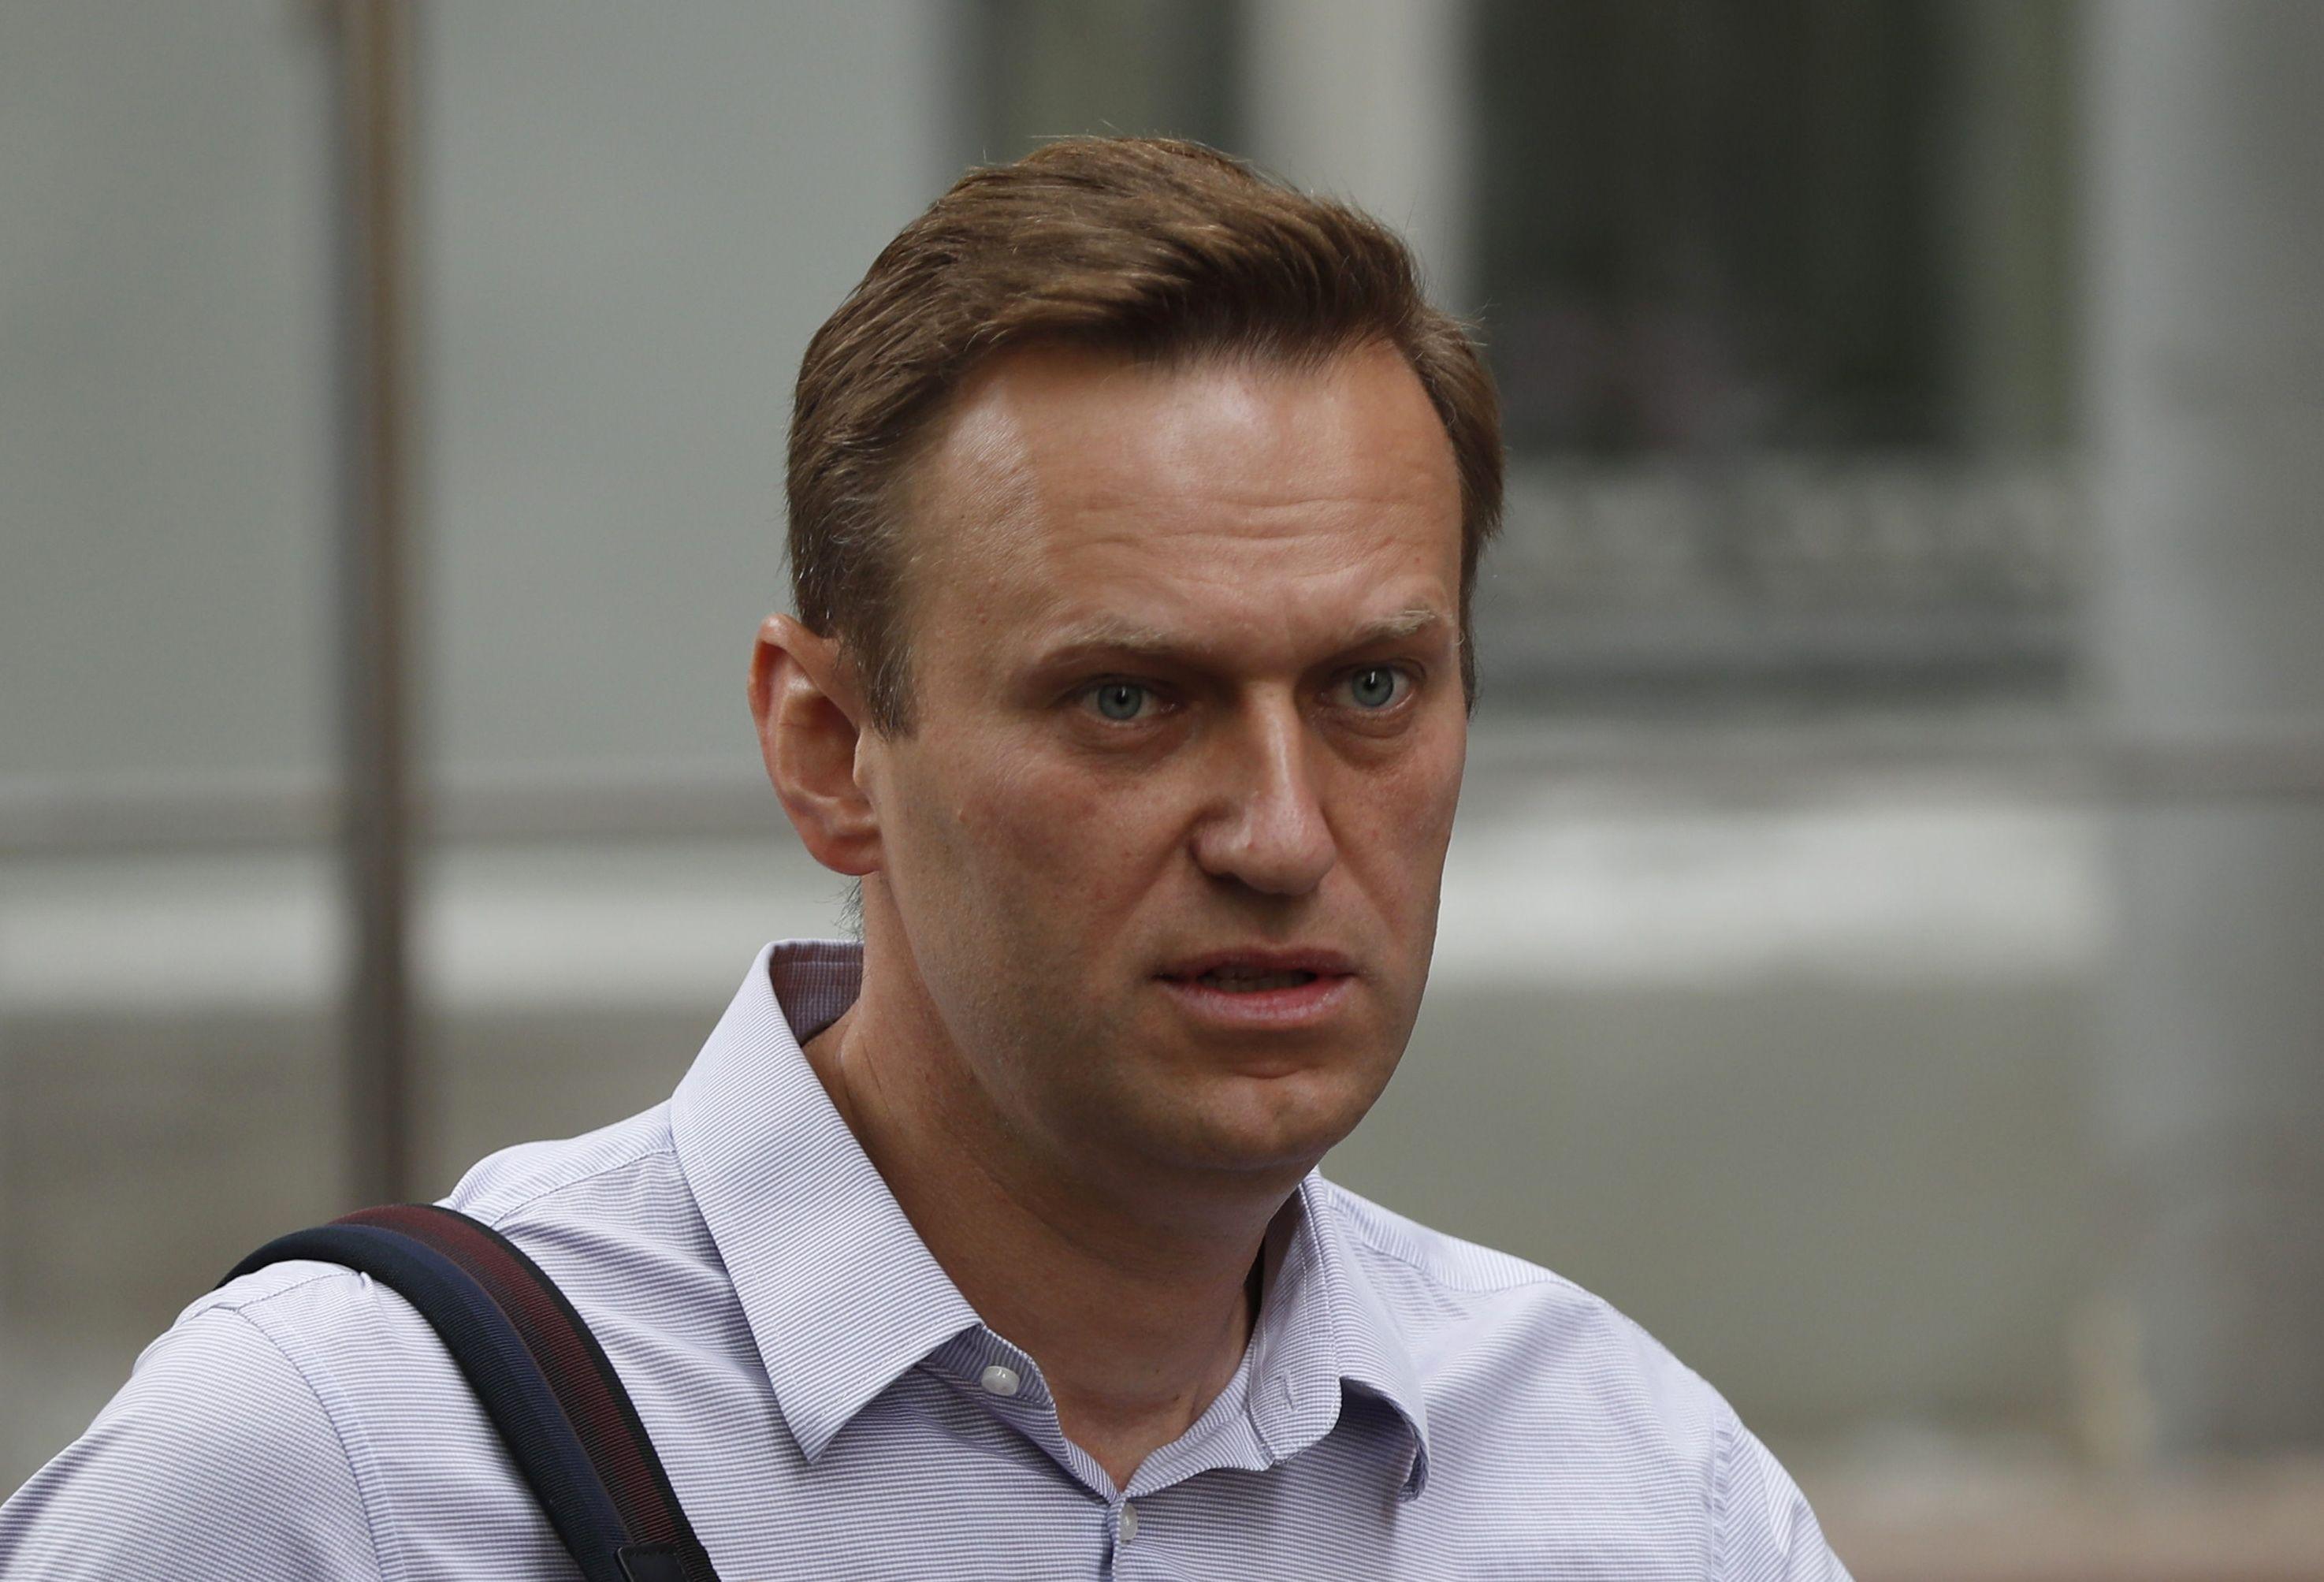 Джабаров одобрил меры безопасности в аэропорту Внуково, введенные накануне возвращения Навального